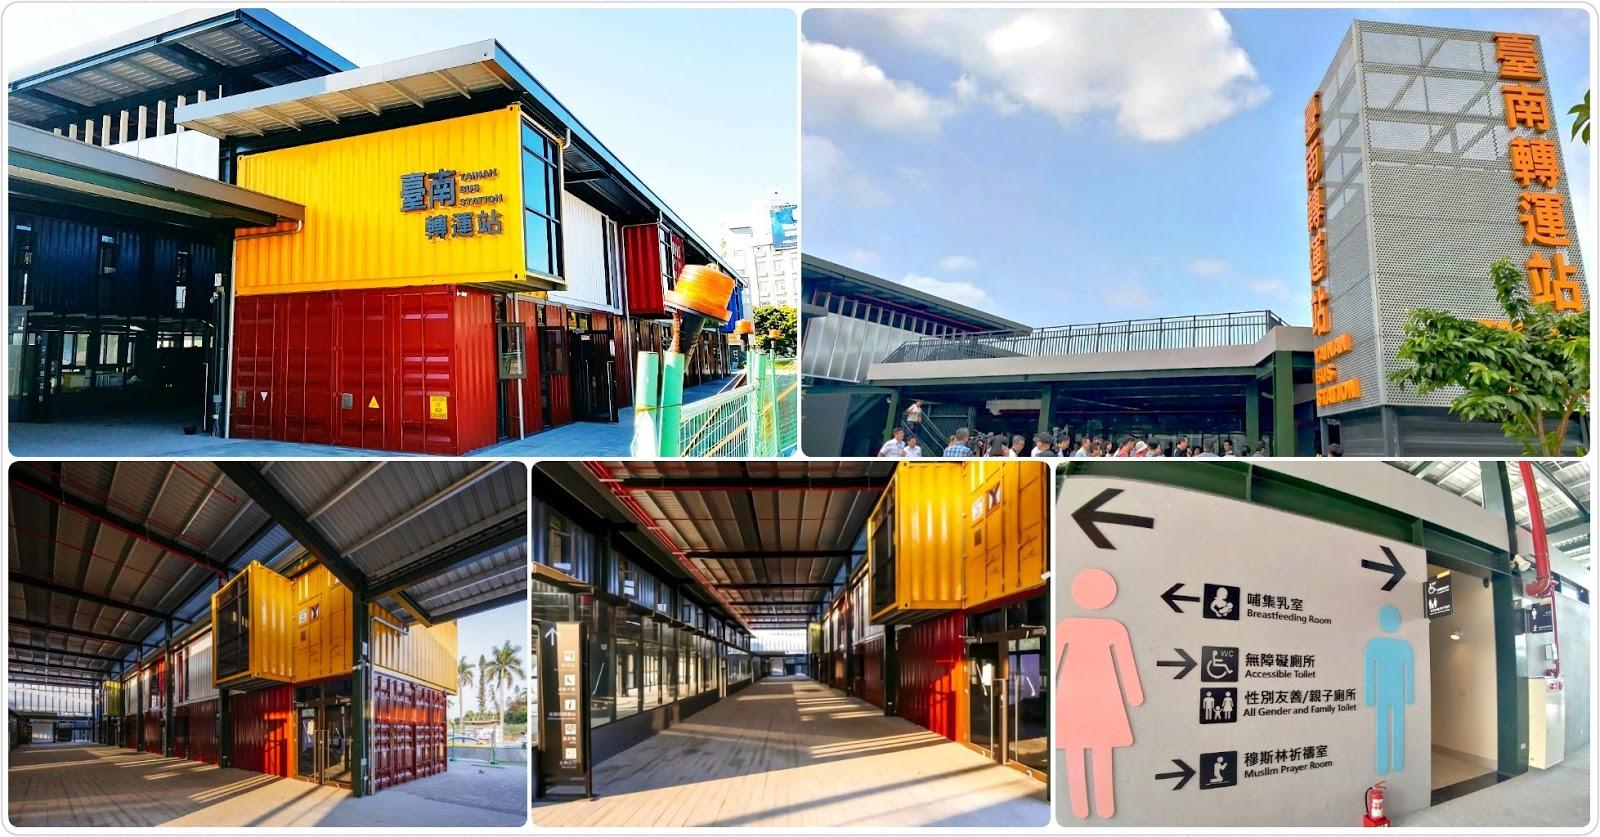 國道客運進駐|台南轉運站預計2019年12/27試營運、2020年1/6正式啟用